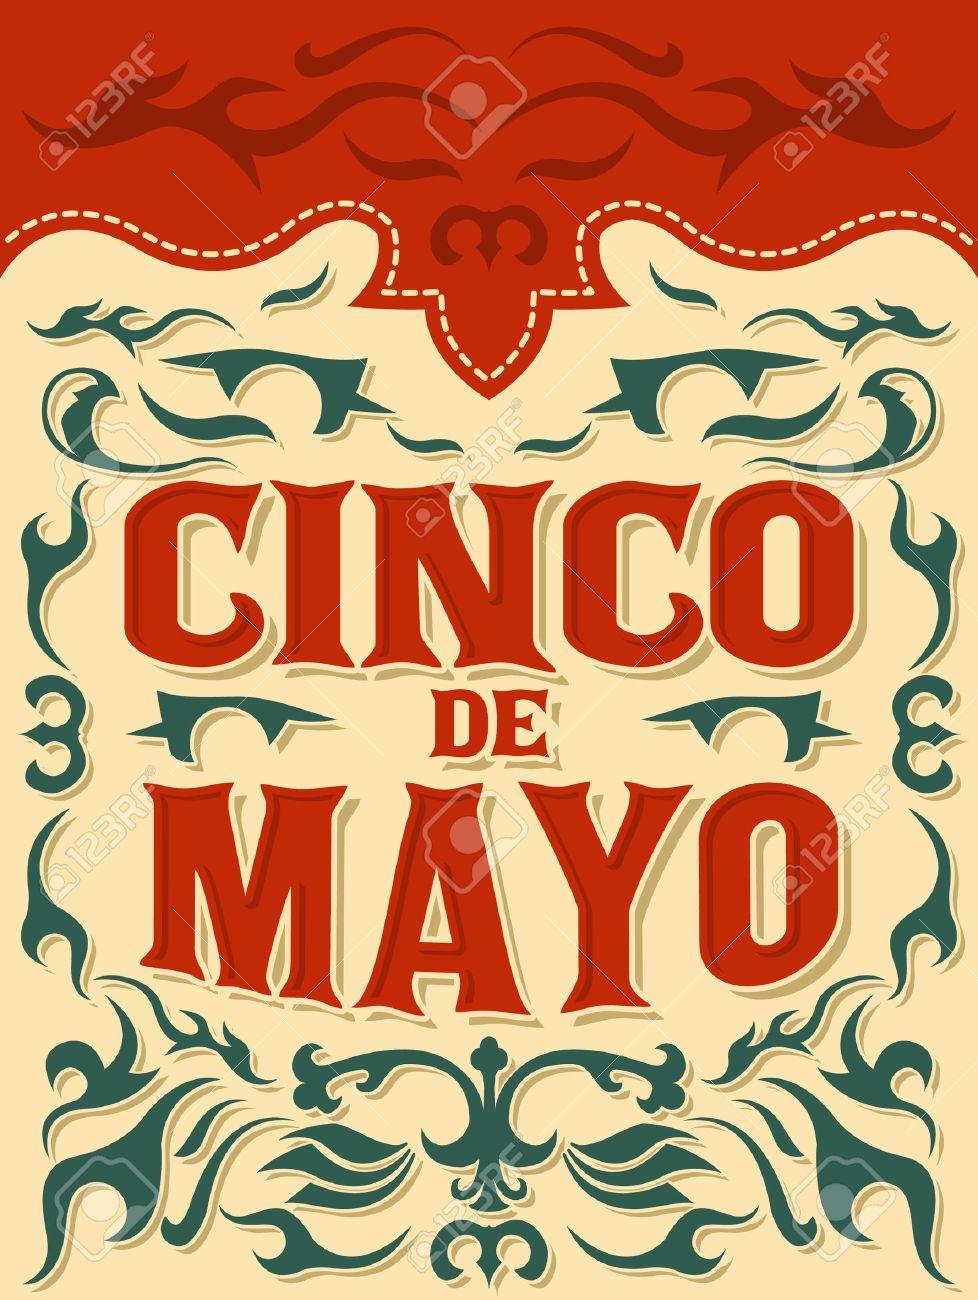 cinco de o traditional mexican holiday vector poster cinco de o traditional mexican holiday vector poster card template stock vector